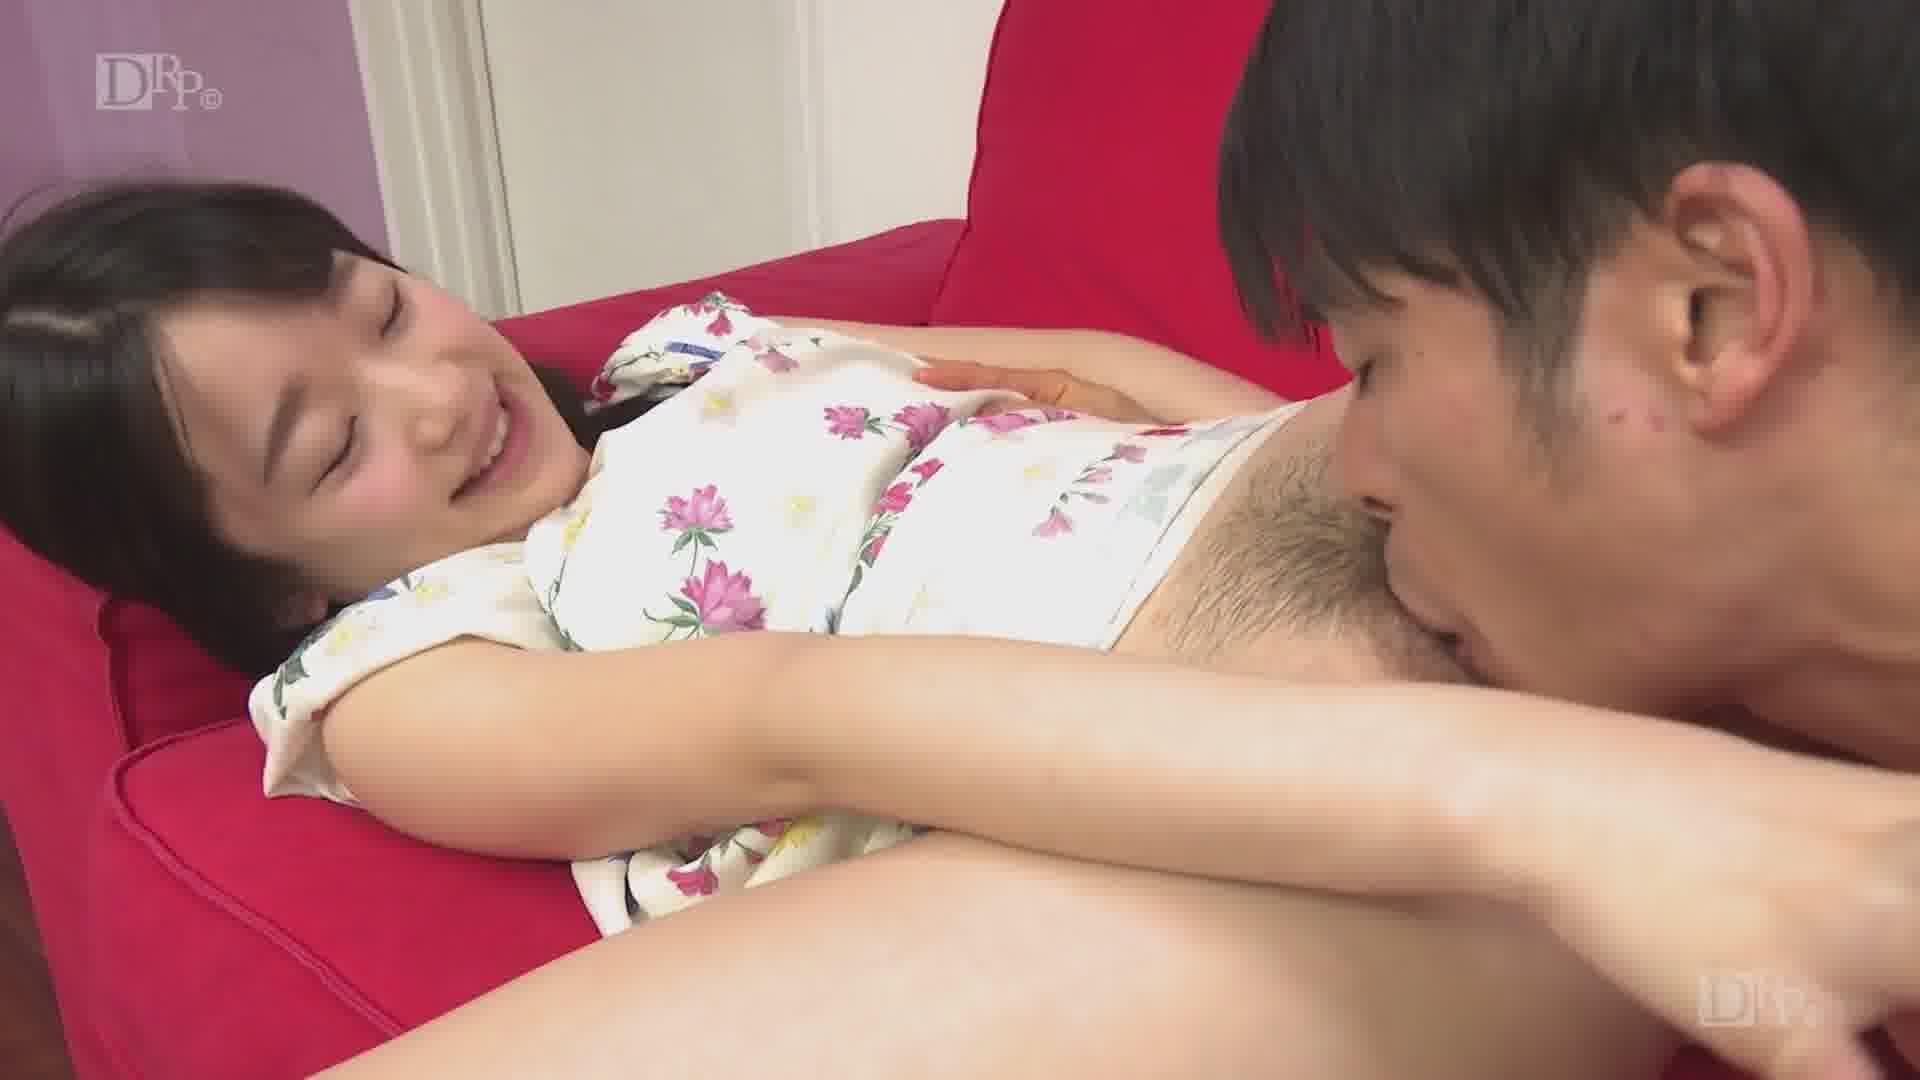 早抜き 姫川ゆうなBEST2 - 姫川ゆうな【そっくりさん・エプロン・メイド】